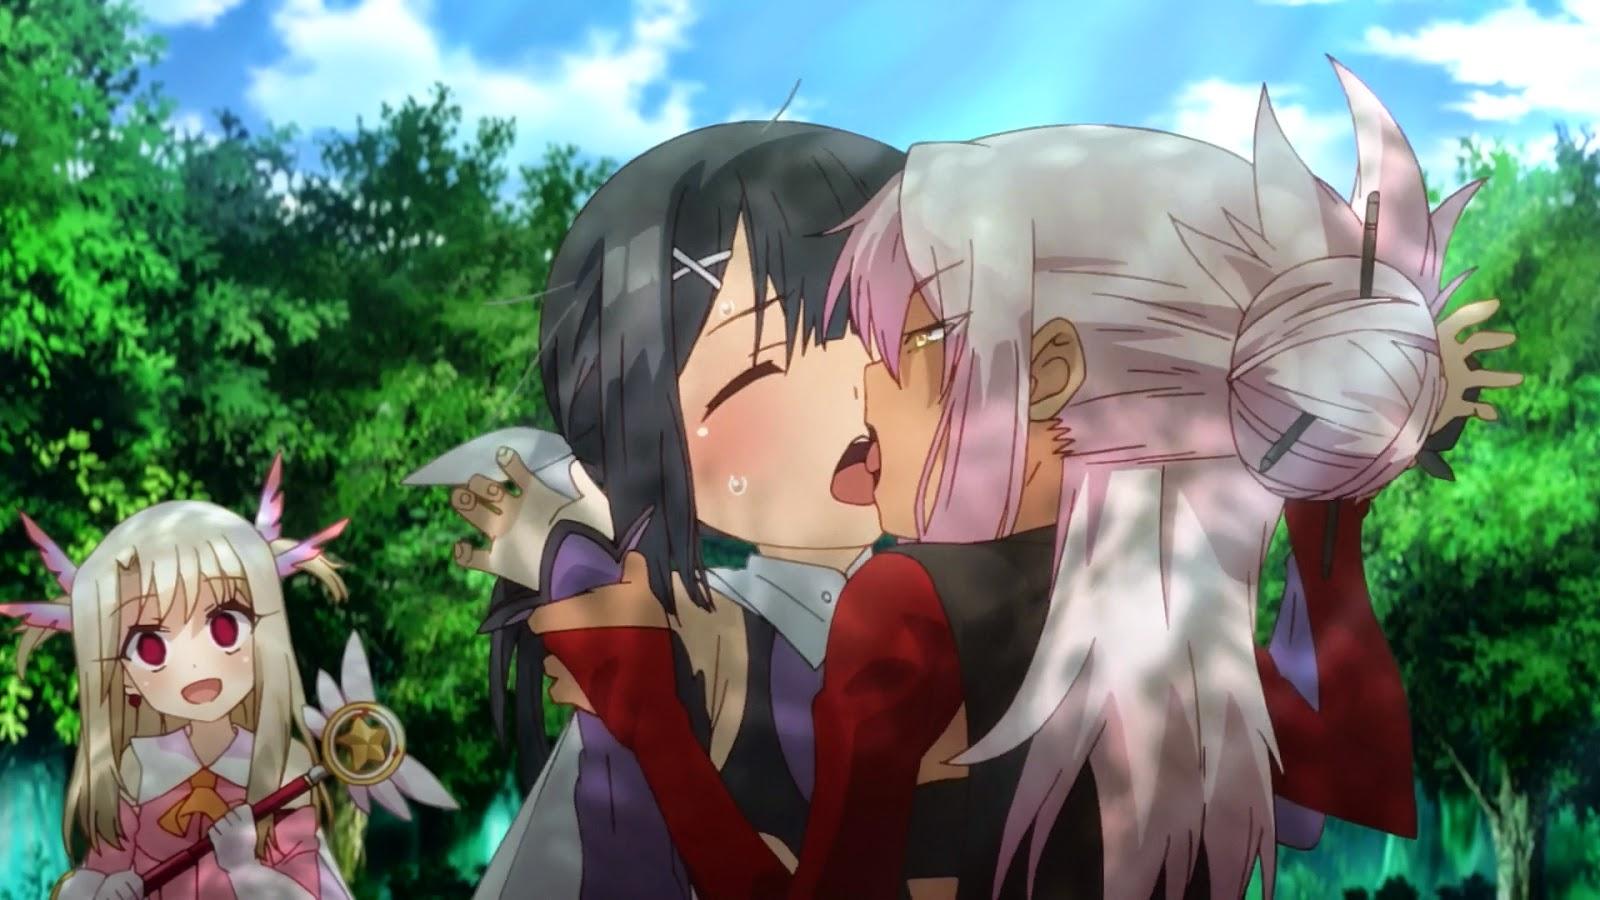 Illya and Kuro kiss